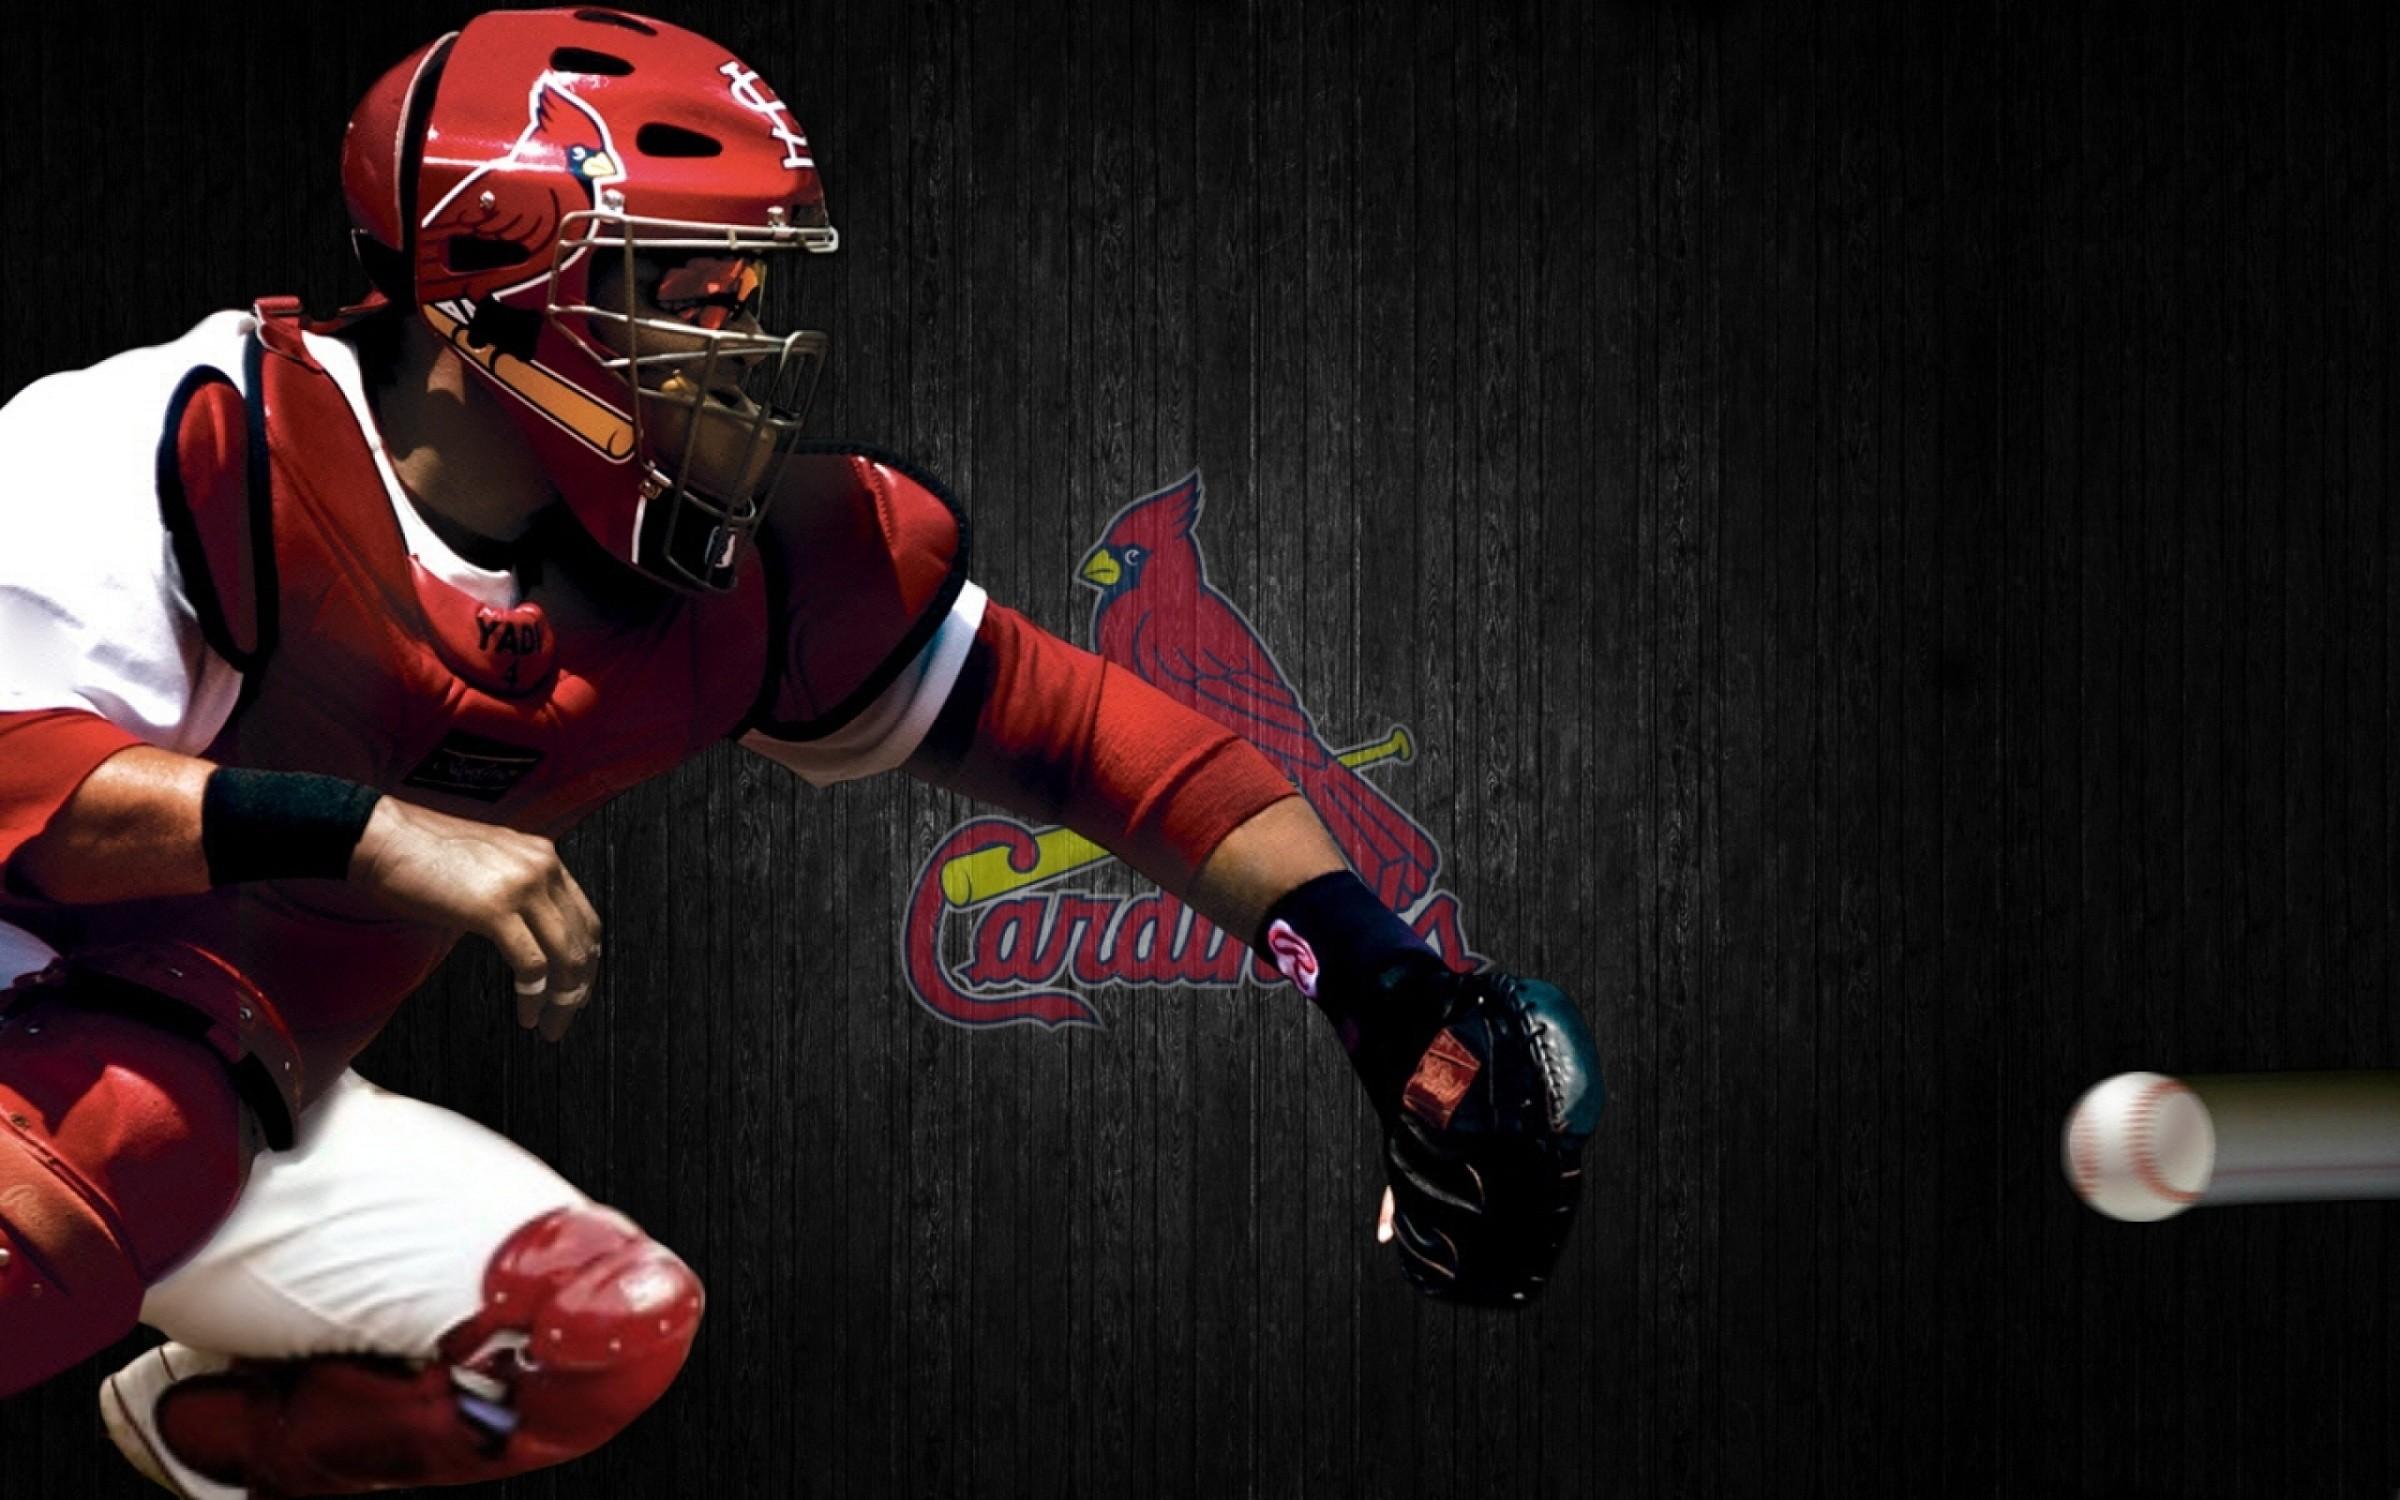 Cardinals baseball team wallpaper HD.